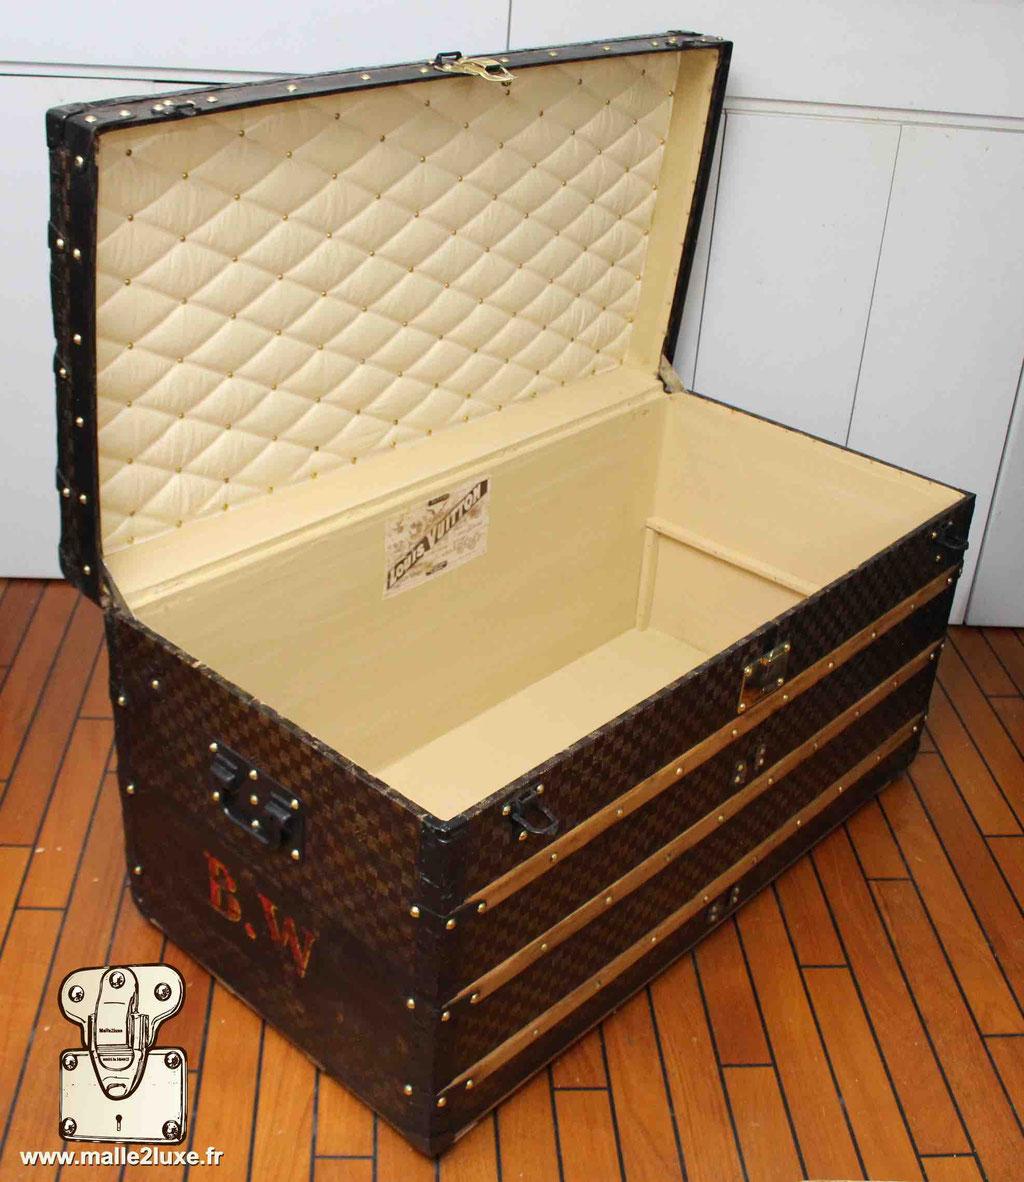 malle courrier Louis Vuitton table basse